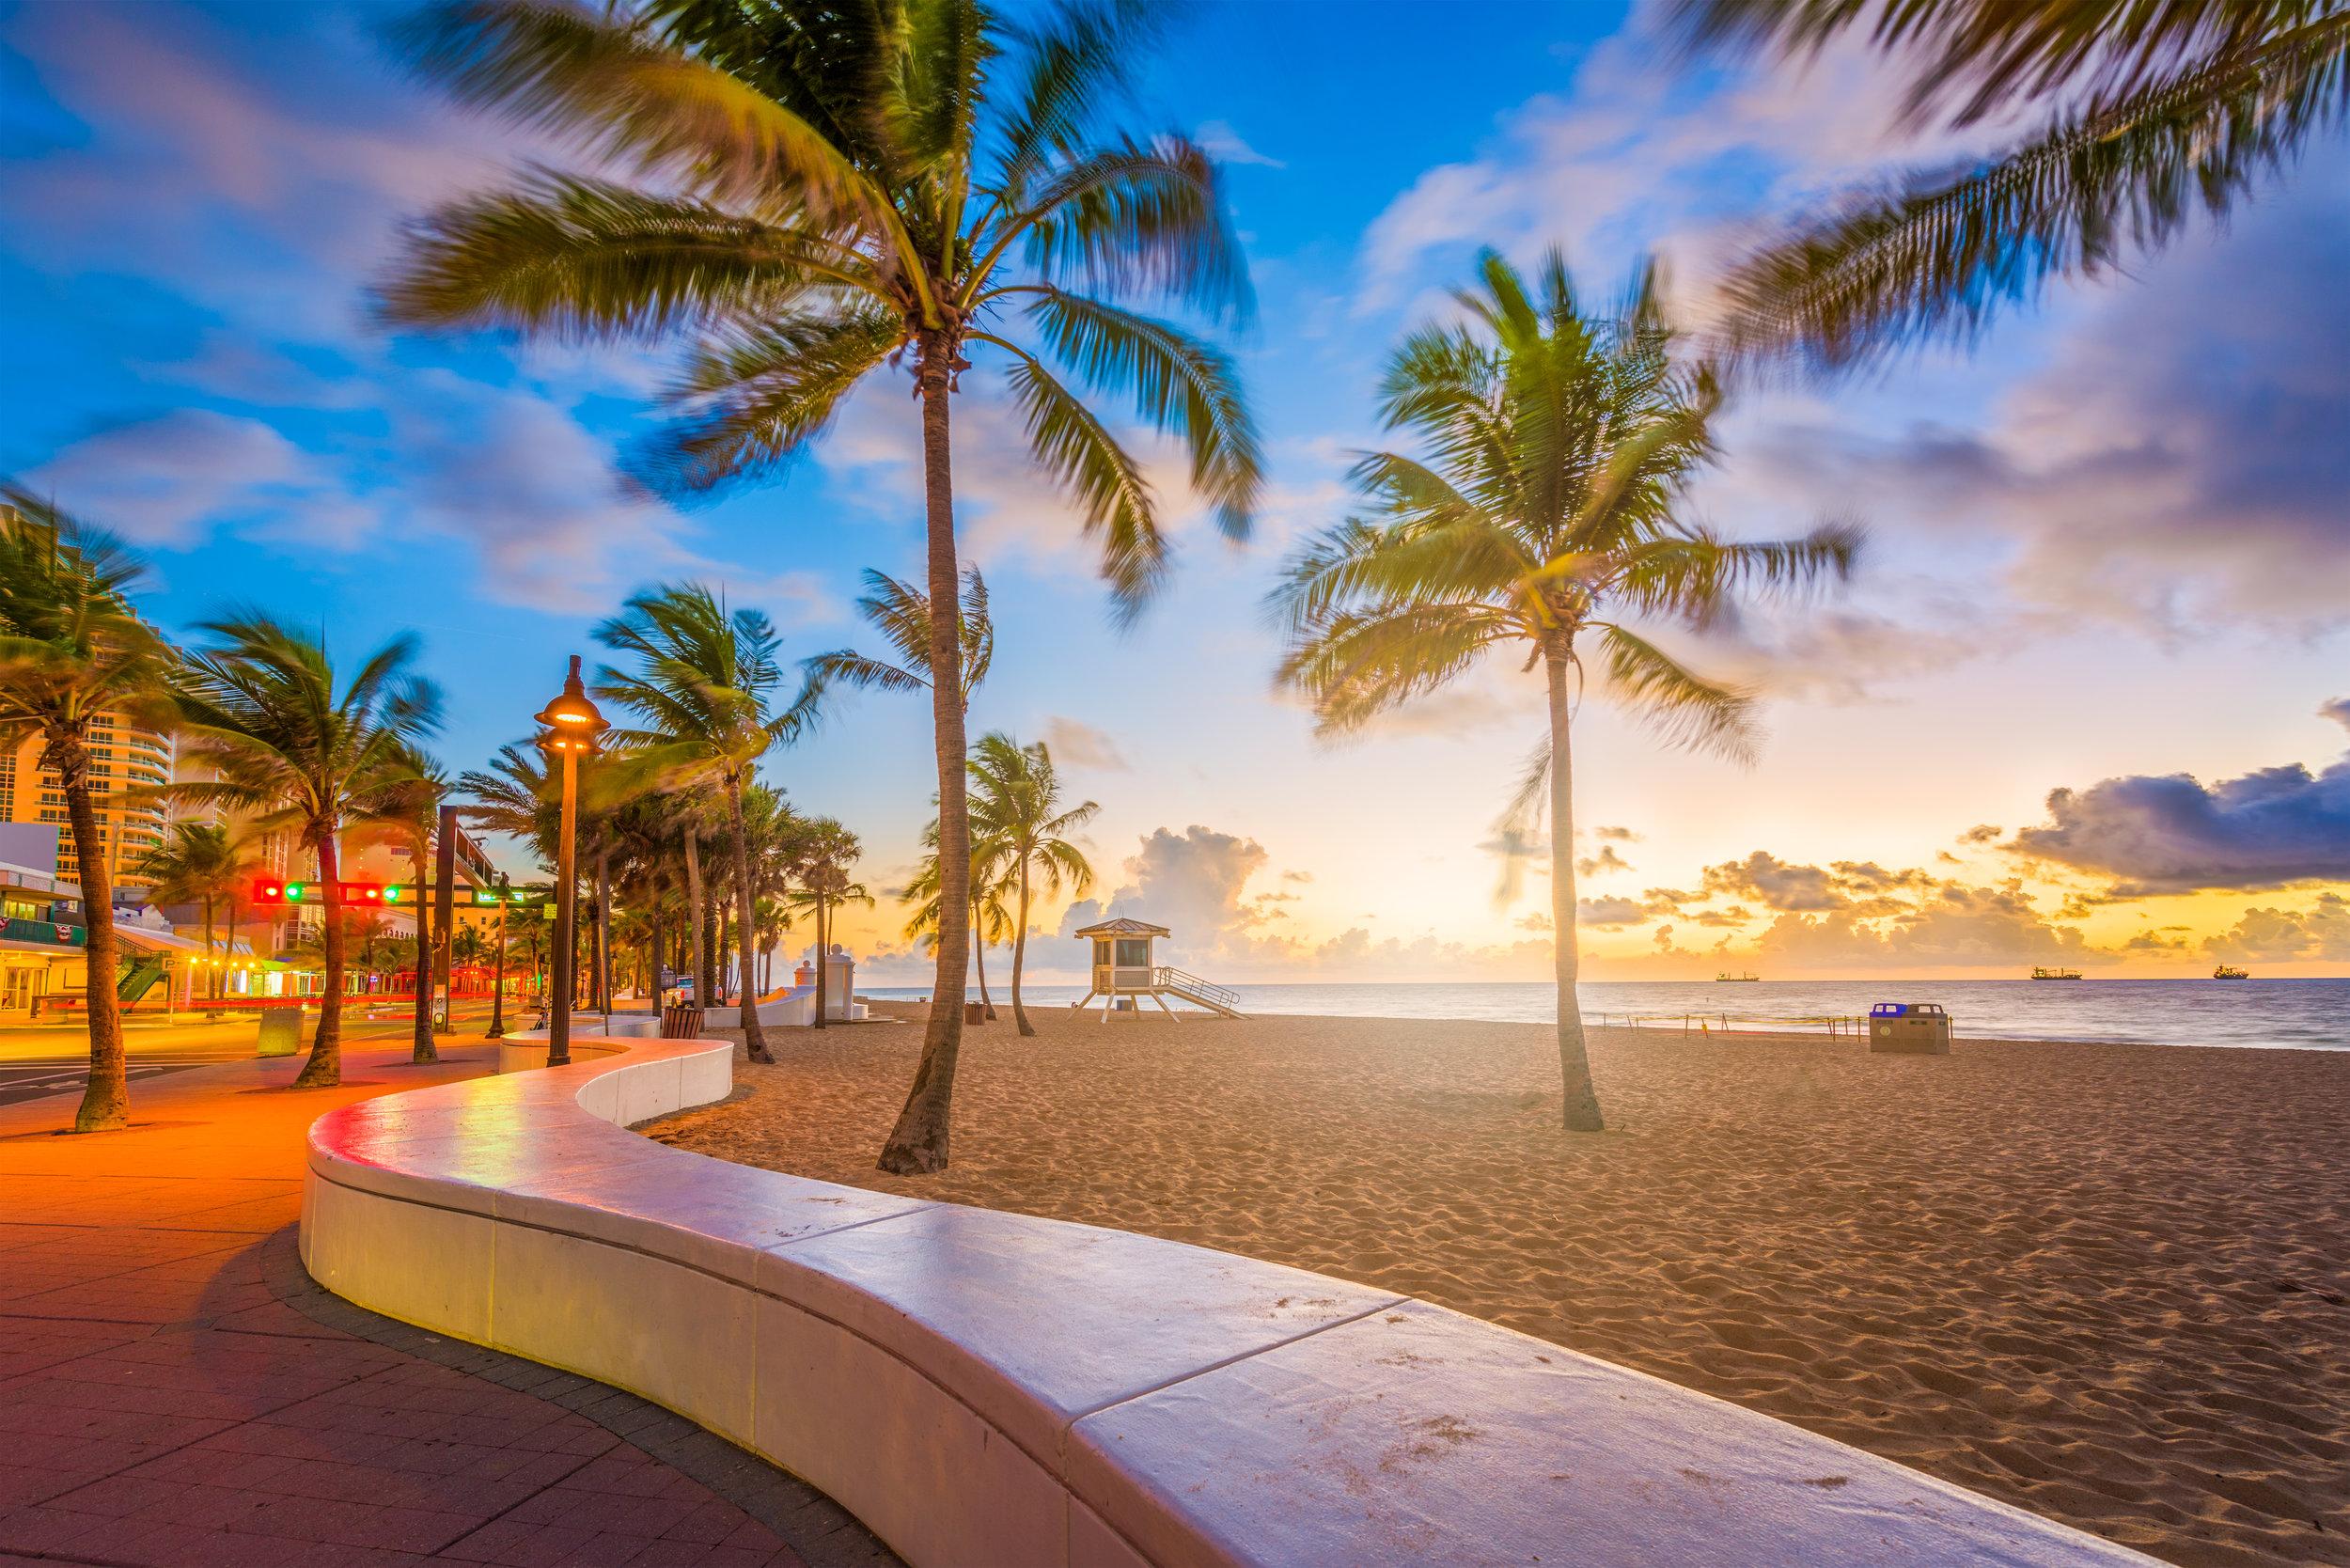 FLorida (West Coast) -